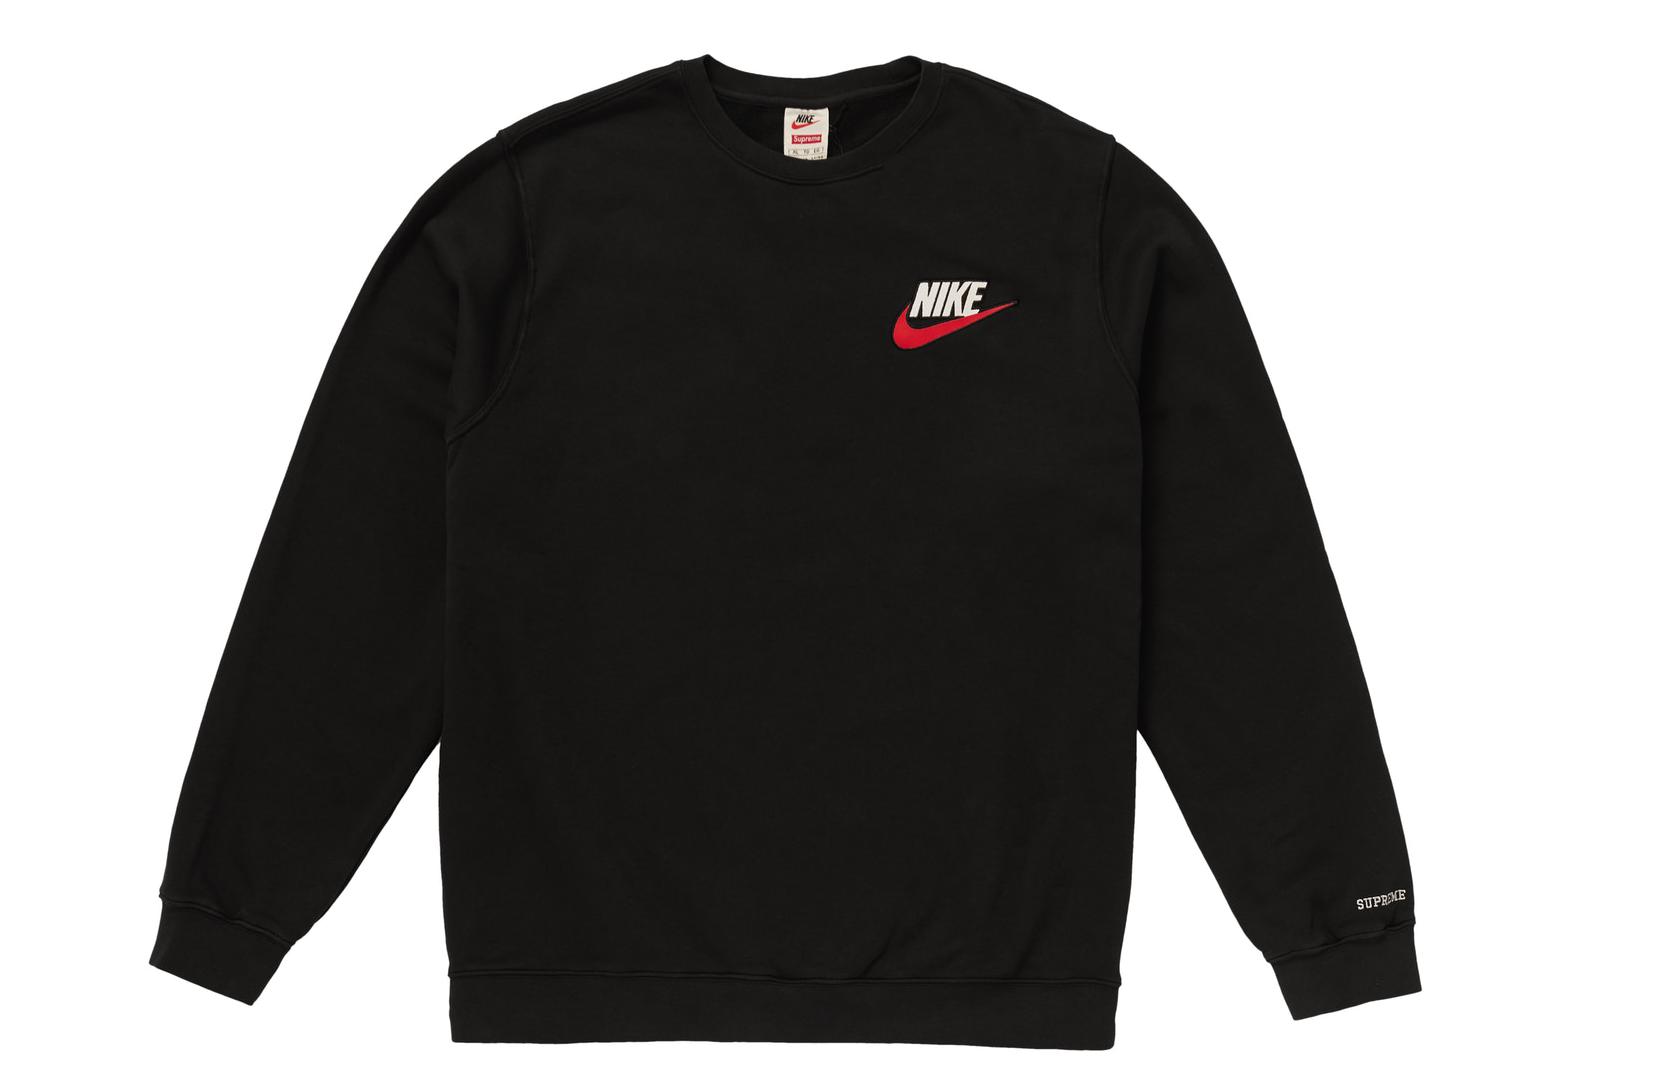 a897f143 Supreme Supreme Nike Crewneck Black Size L | Grailed